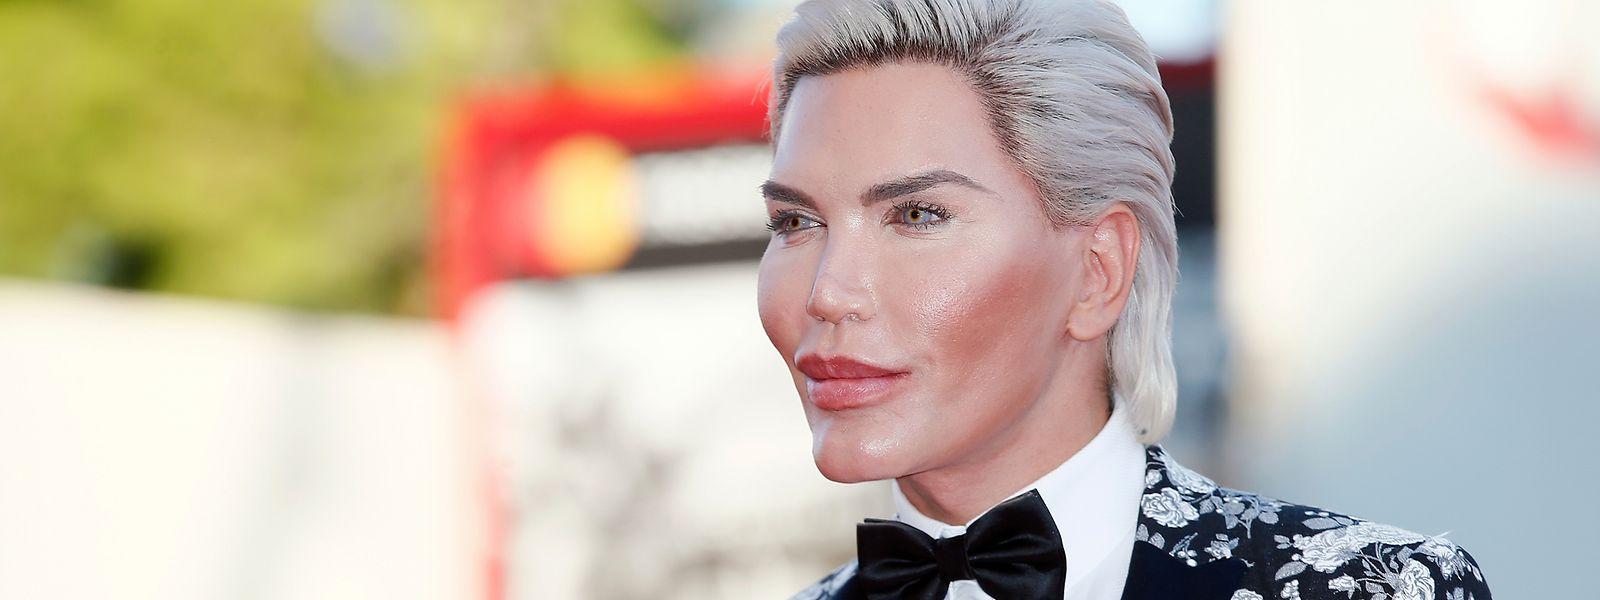 Rodrigo Alves, Brésilien de 34 ans, a subi plus de 100 opérations esthétiques pour ressembler à la poupée Ken.